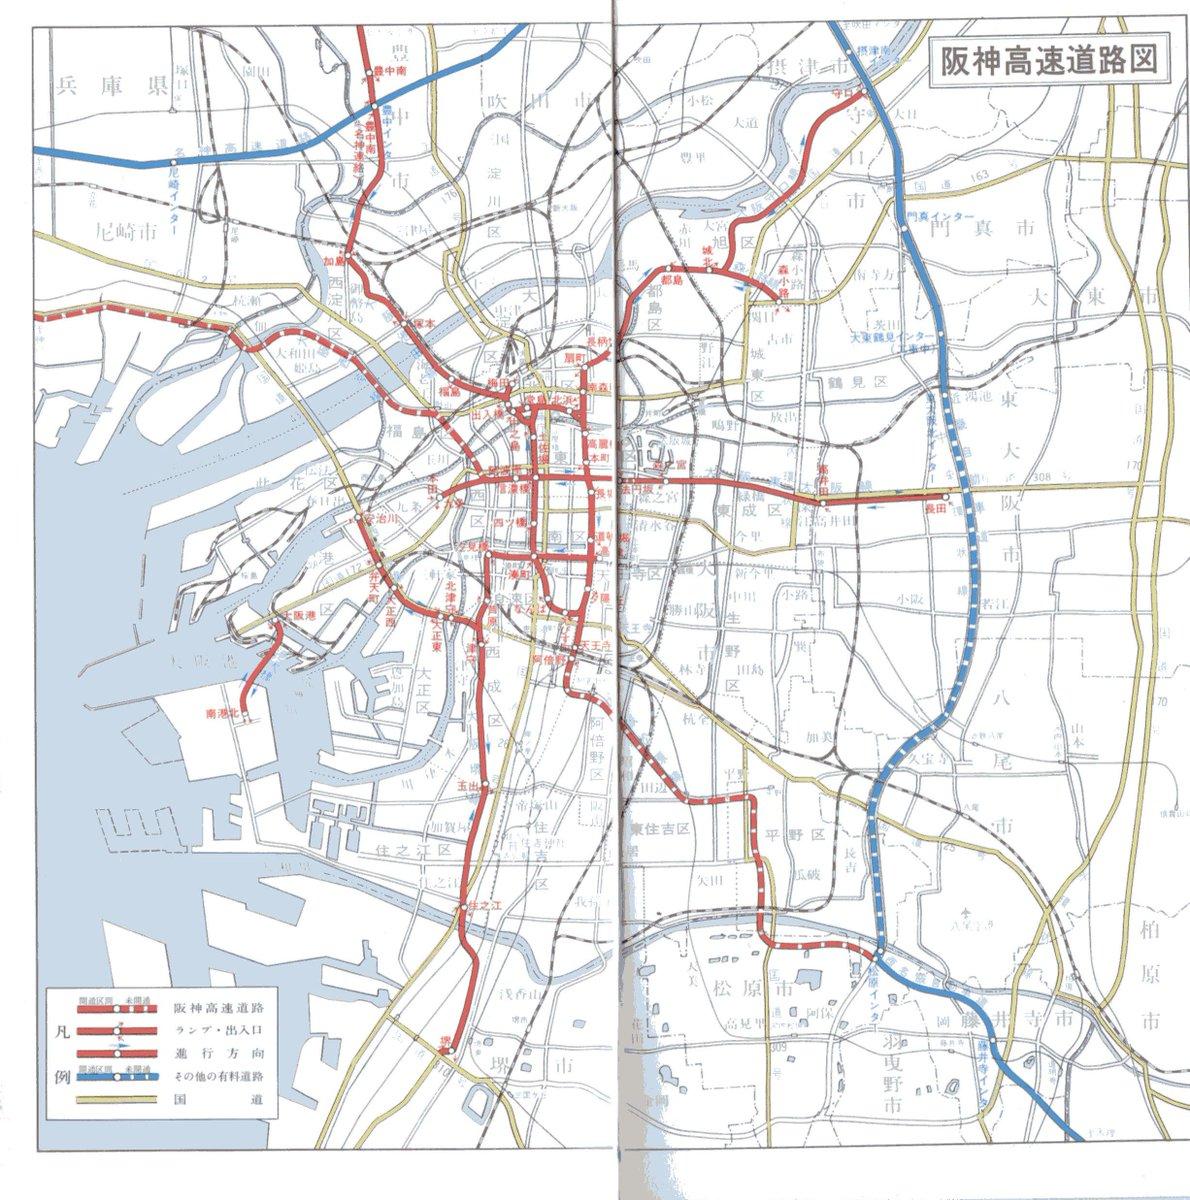 豊中〔阪急バス〕|路線バス時刻表|ジョルダン